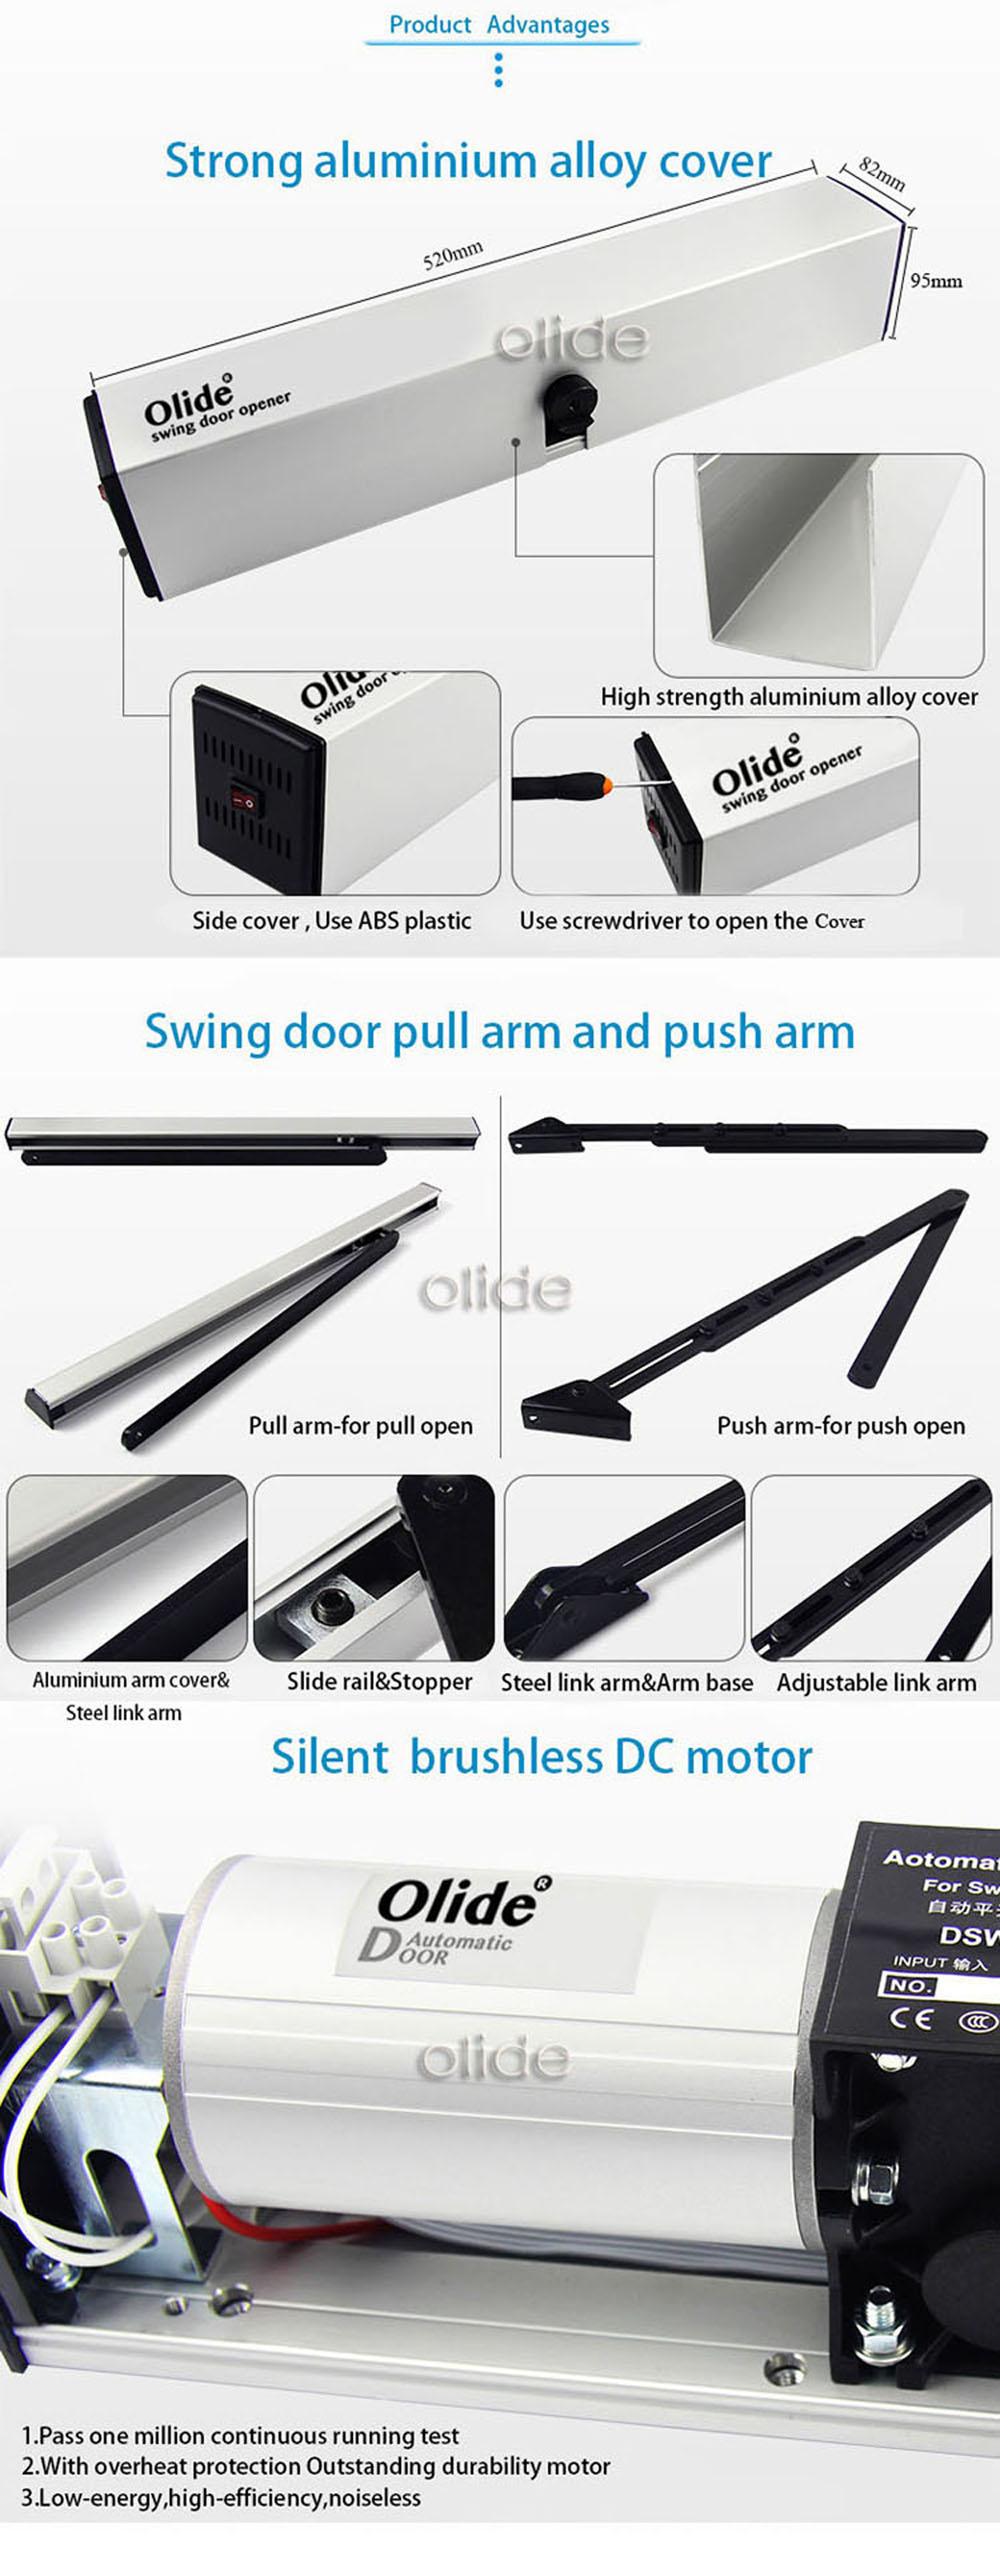 Swinging Open Door Mechanism Features 1